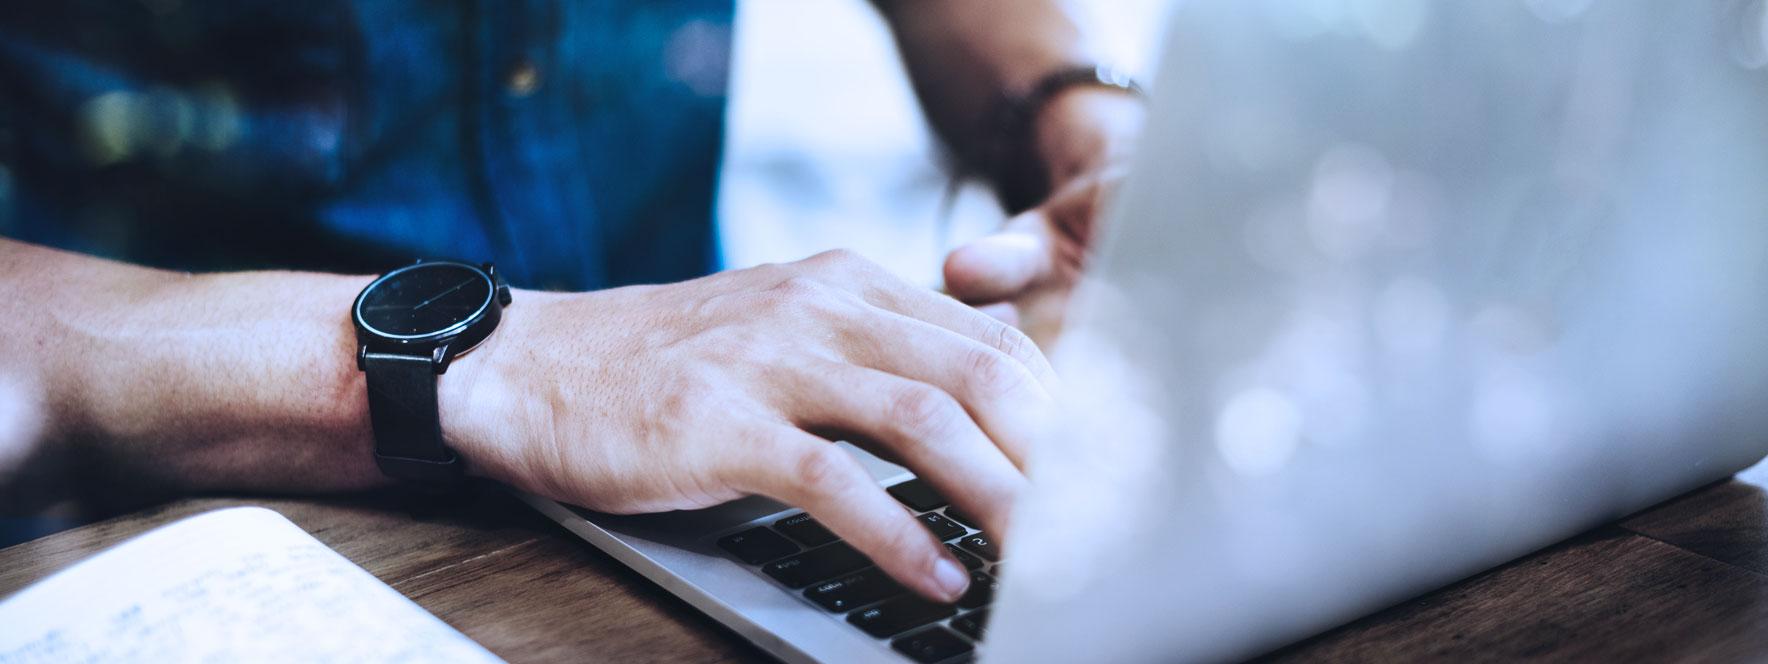 Faire une bonne gestion de ses plateformes - Blogue du Réseau